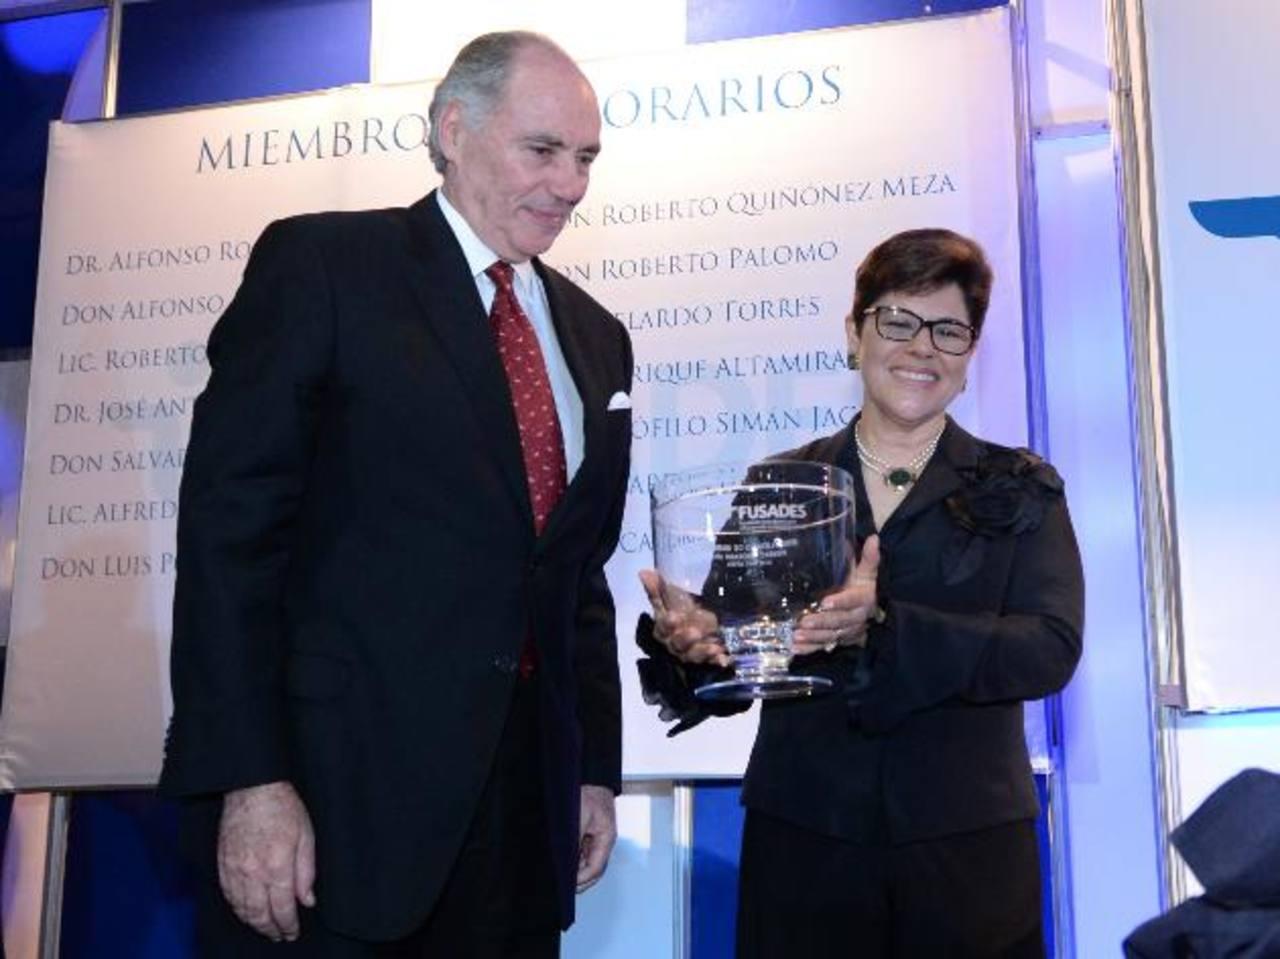 Mirna Liévano de Marques recibió el reconocimiento por su labor como economista y servidora pública, de manos del presidente de Fusades, Francisco de Sola. foto edh / marlon hernandez